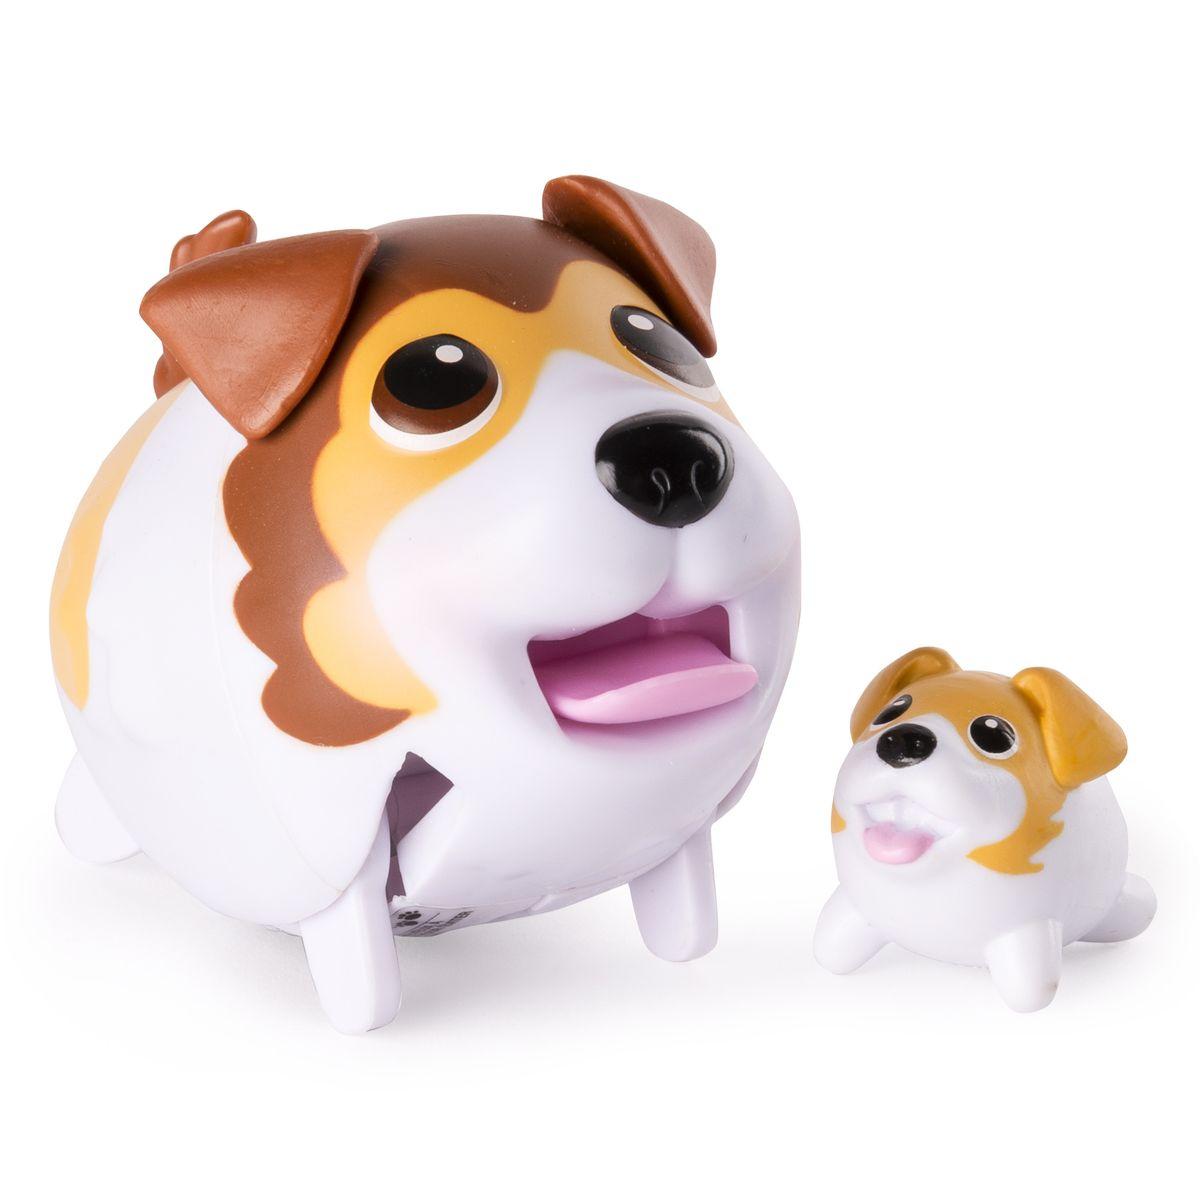 Chubby Puppies Набор фигурок Шелти